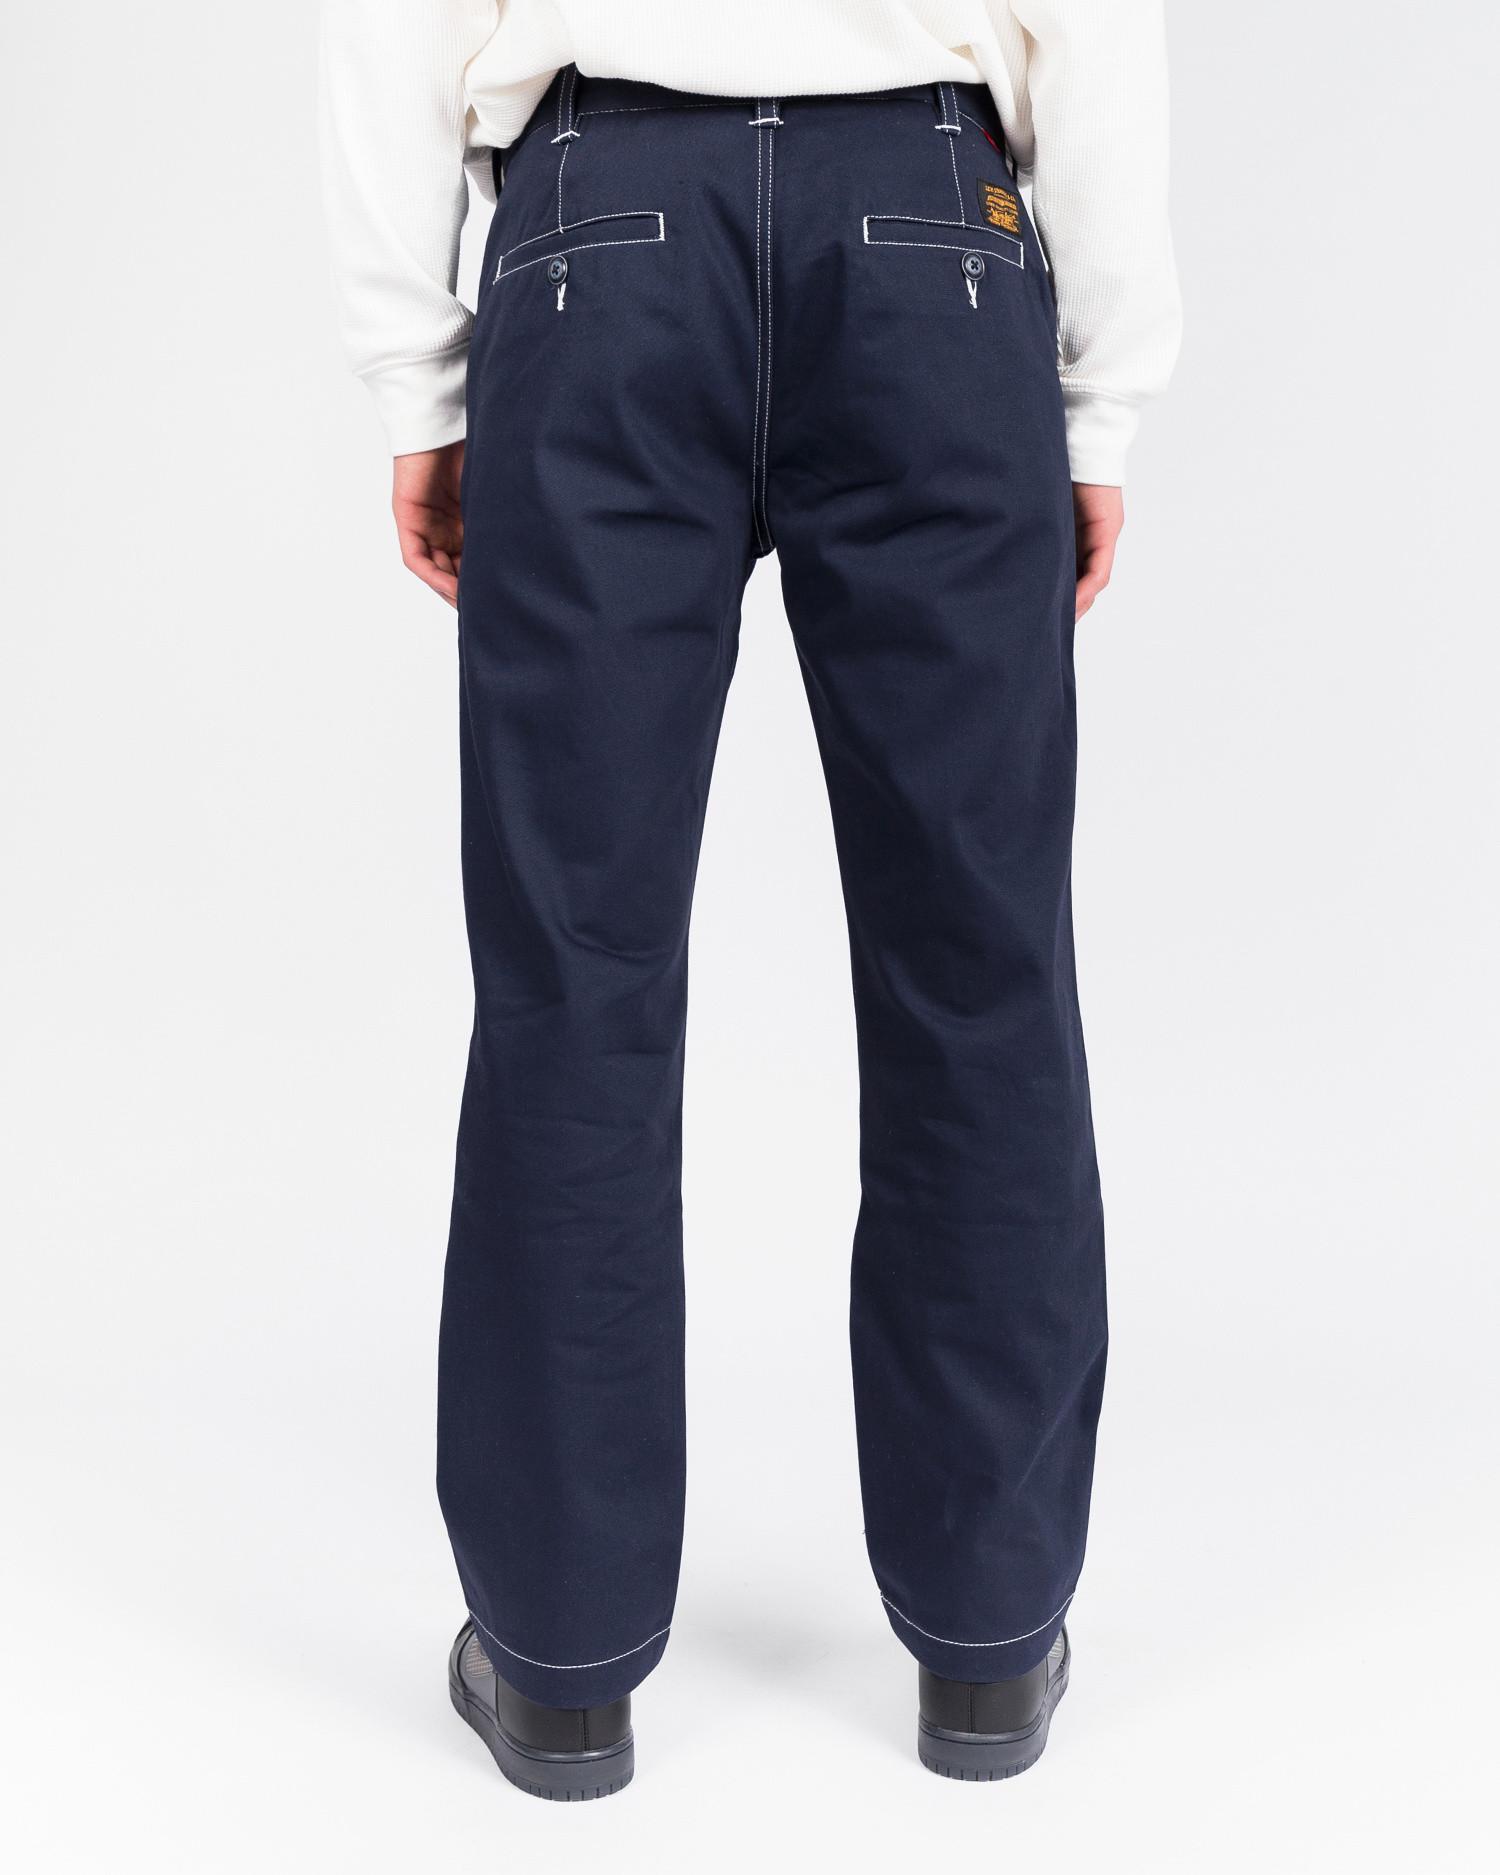 Levi's Skate Work Pant Navy Blazer Stitch